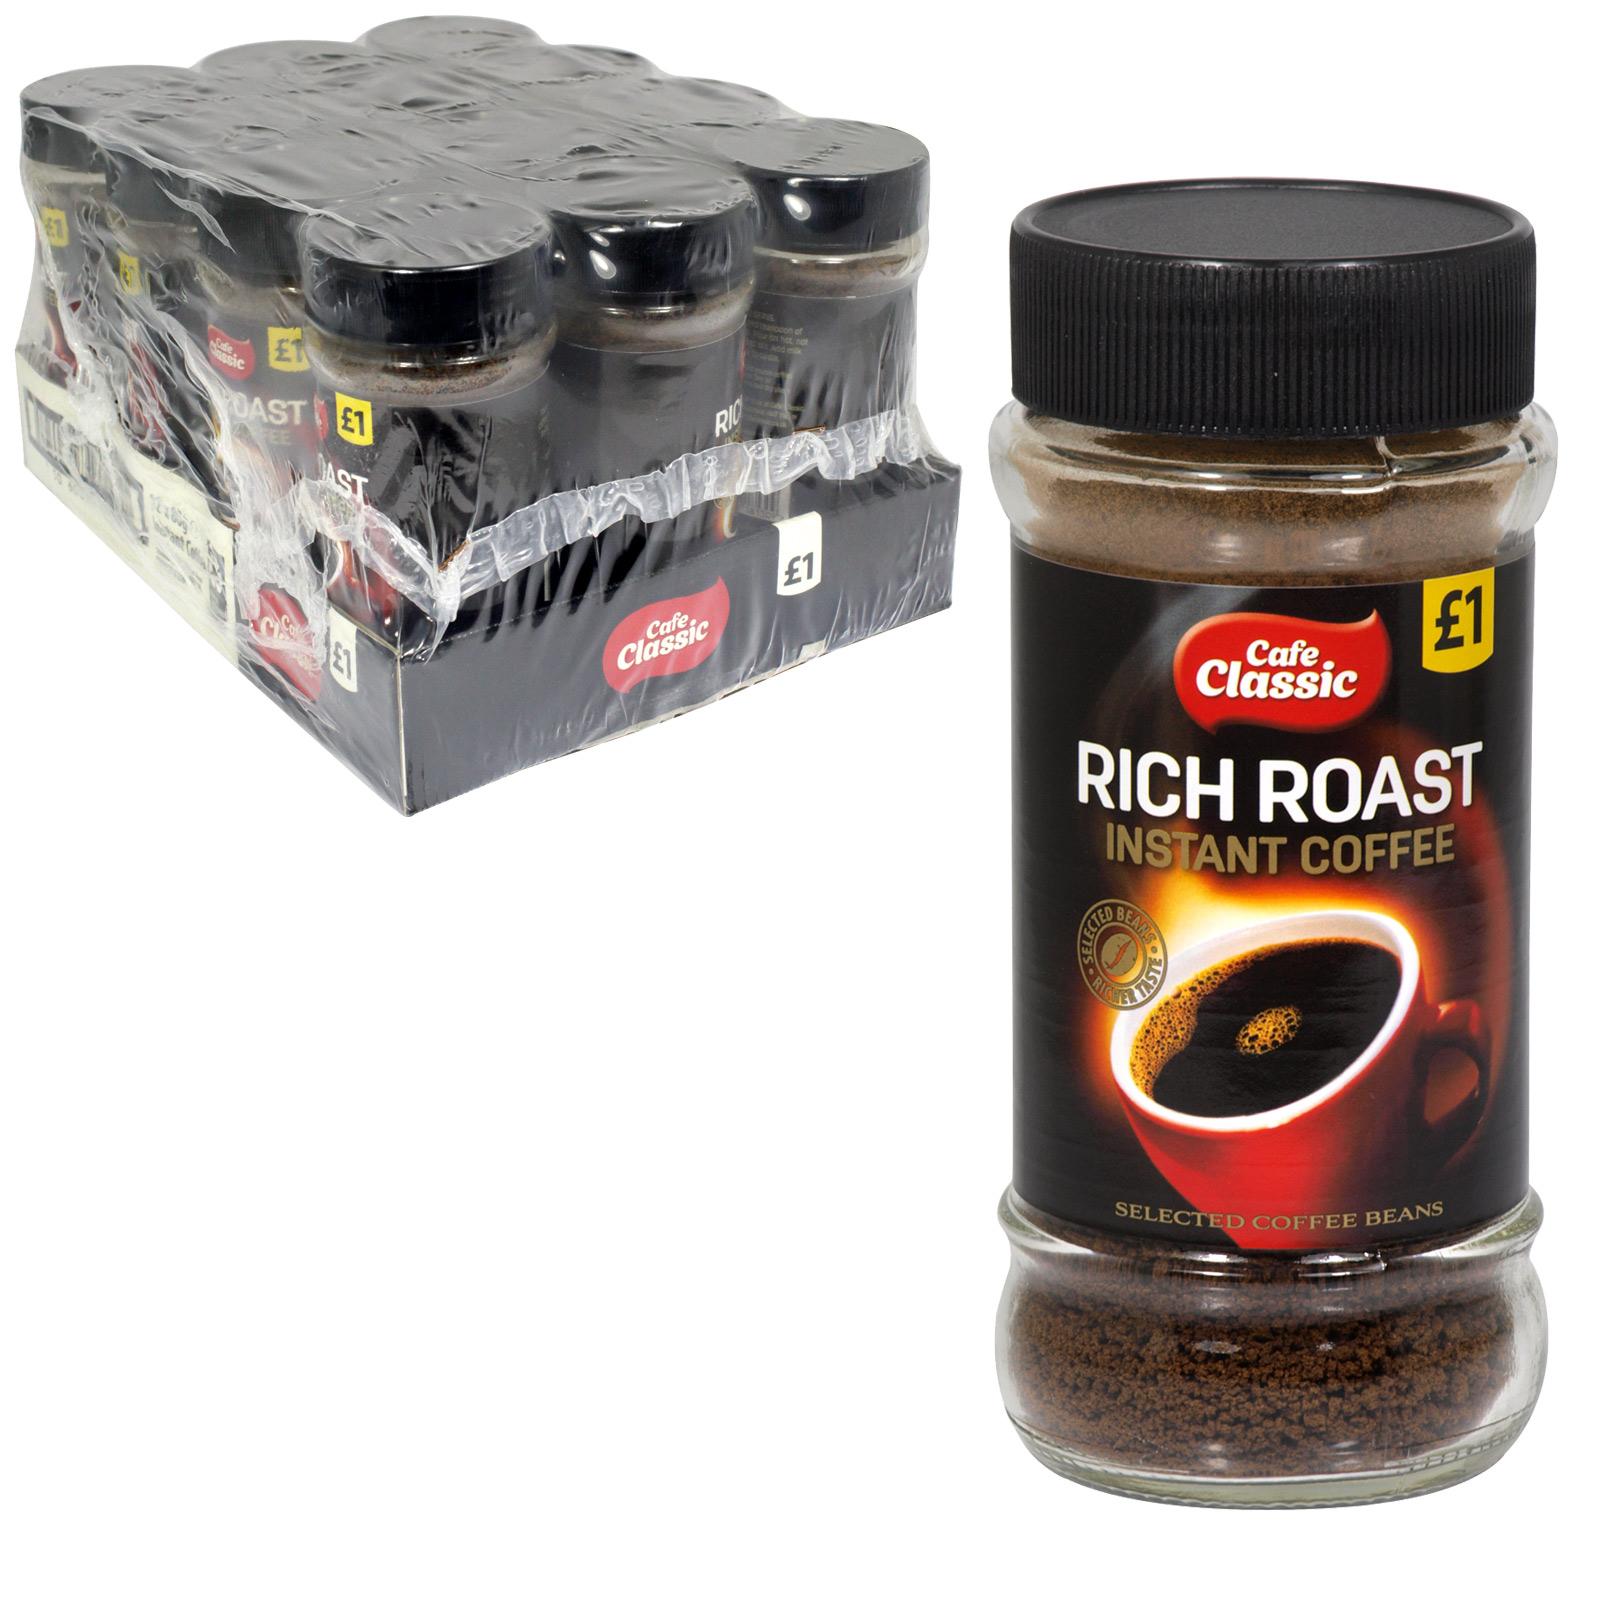 CAFE CLASSIC RICHROAST COFFEE P/M ?1 80G X12